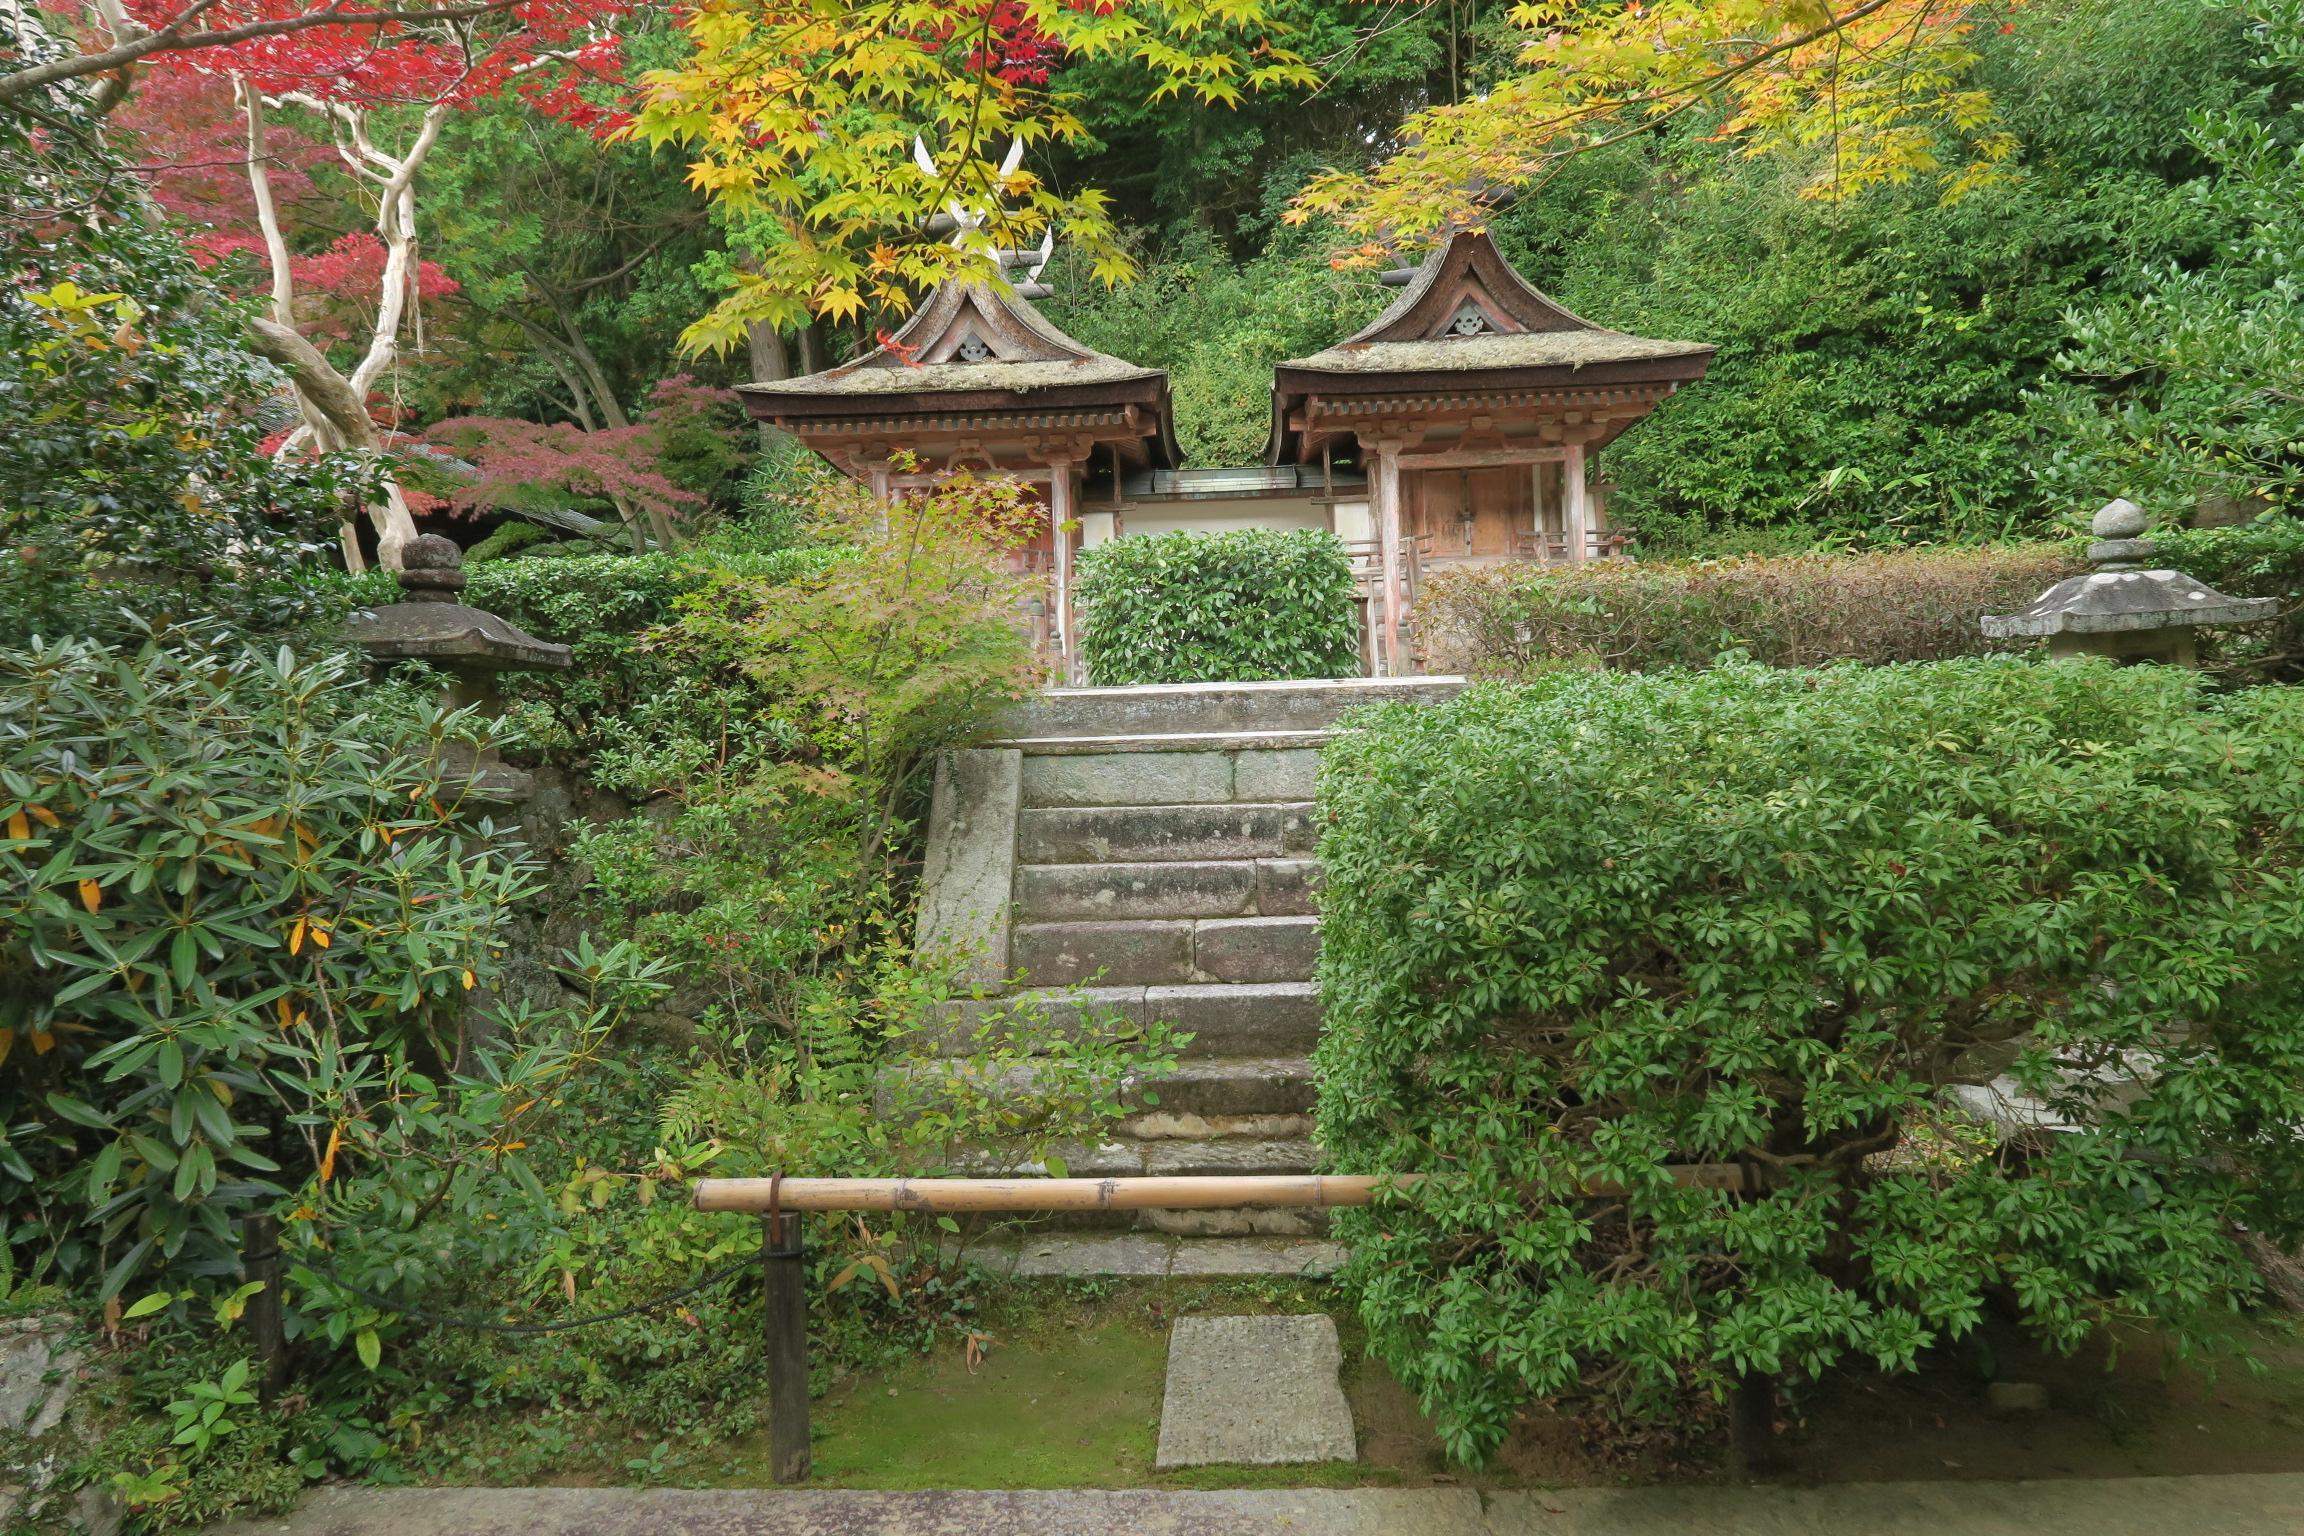 国宝の鎮守社の春日堂(左)と白山堂(右)。全国で最も古い春日造の社殿。屋根の反り、彩色に特徴がある